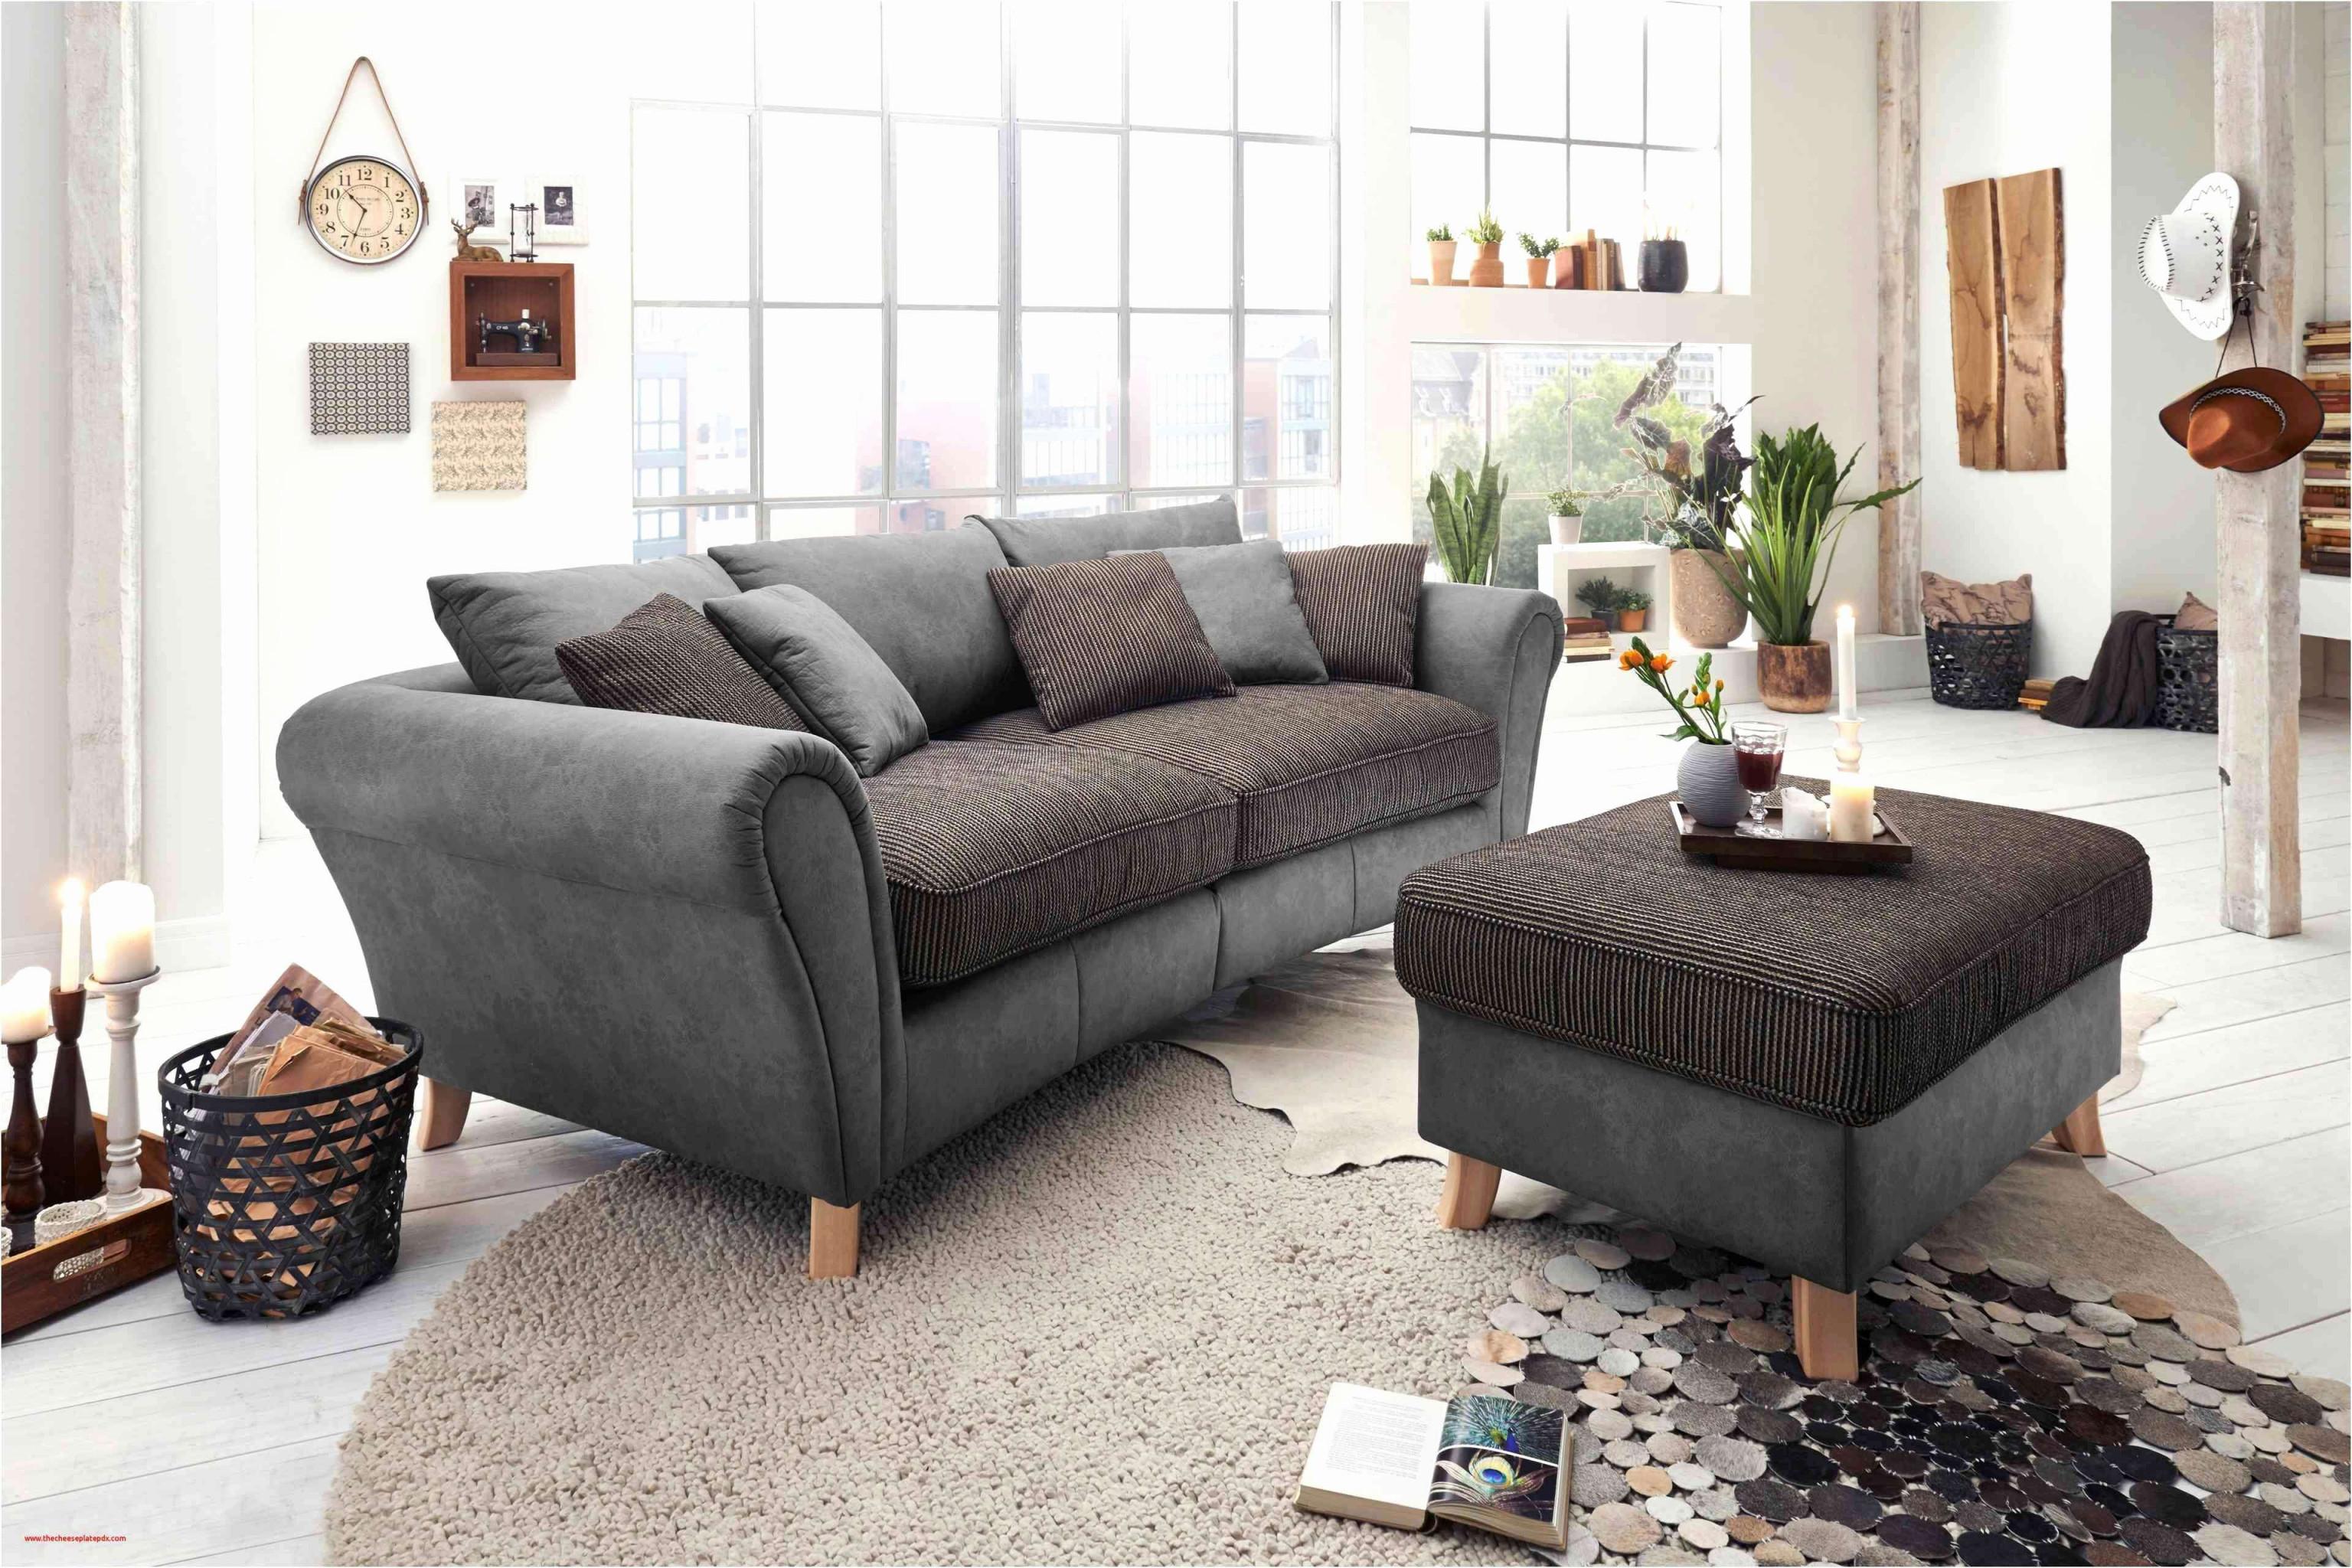 Wohnzimmer Neu Einrichten Ideen von Stilvolle Deko Wohnzimmer Photo